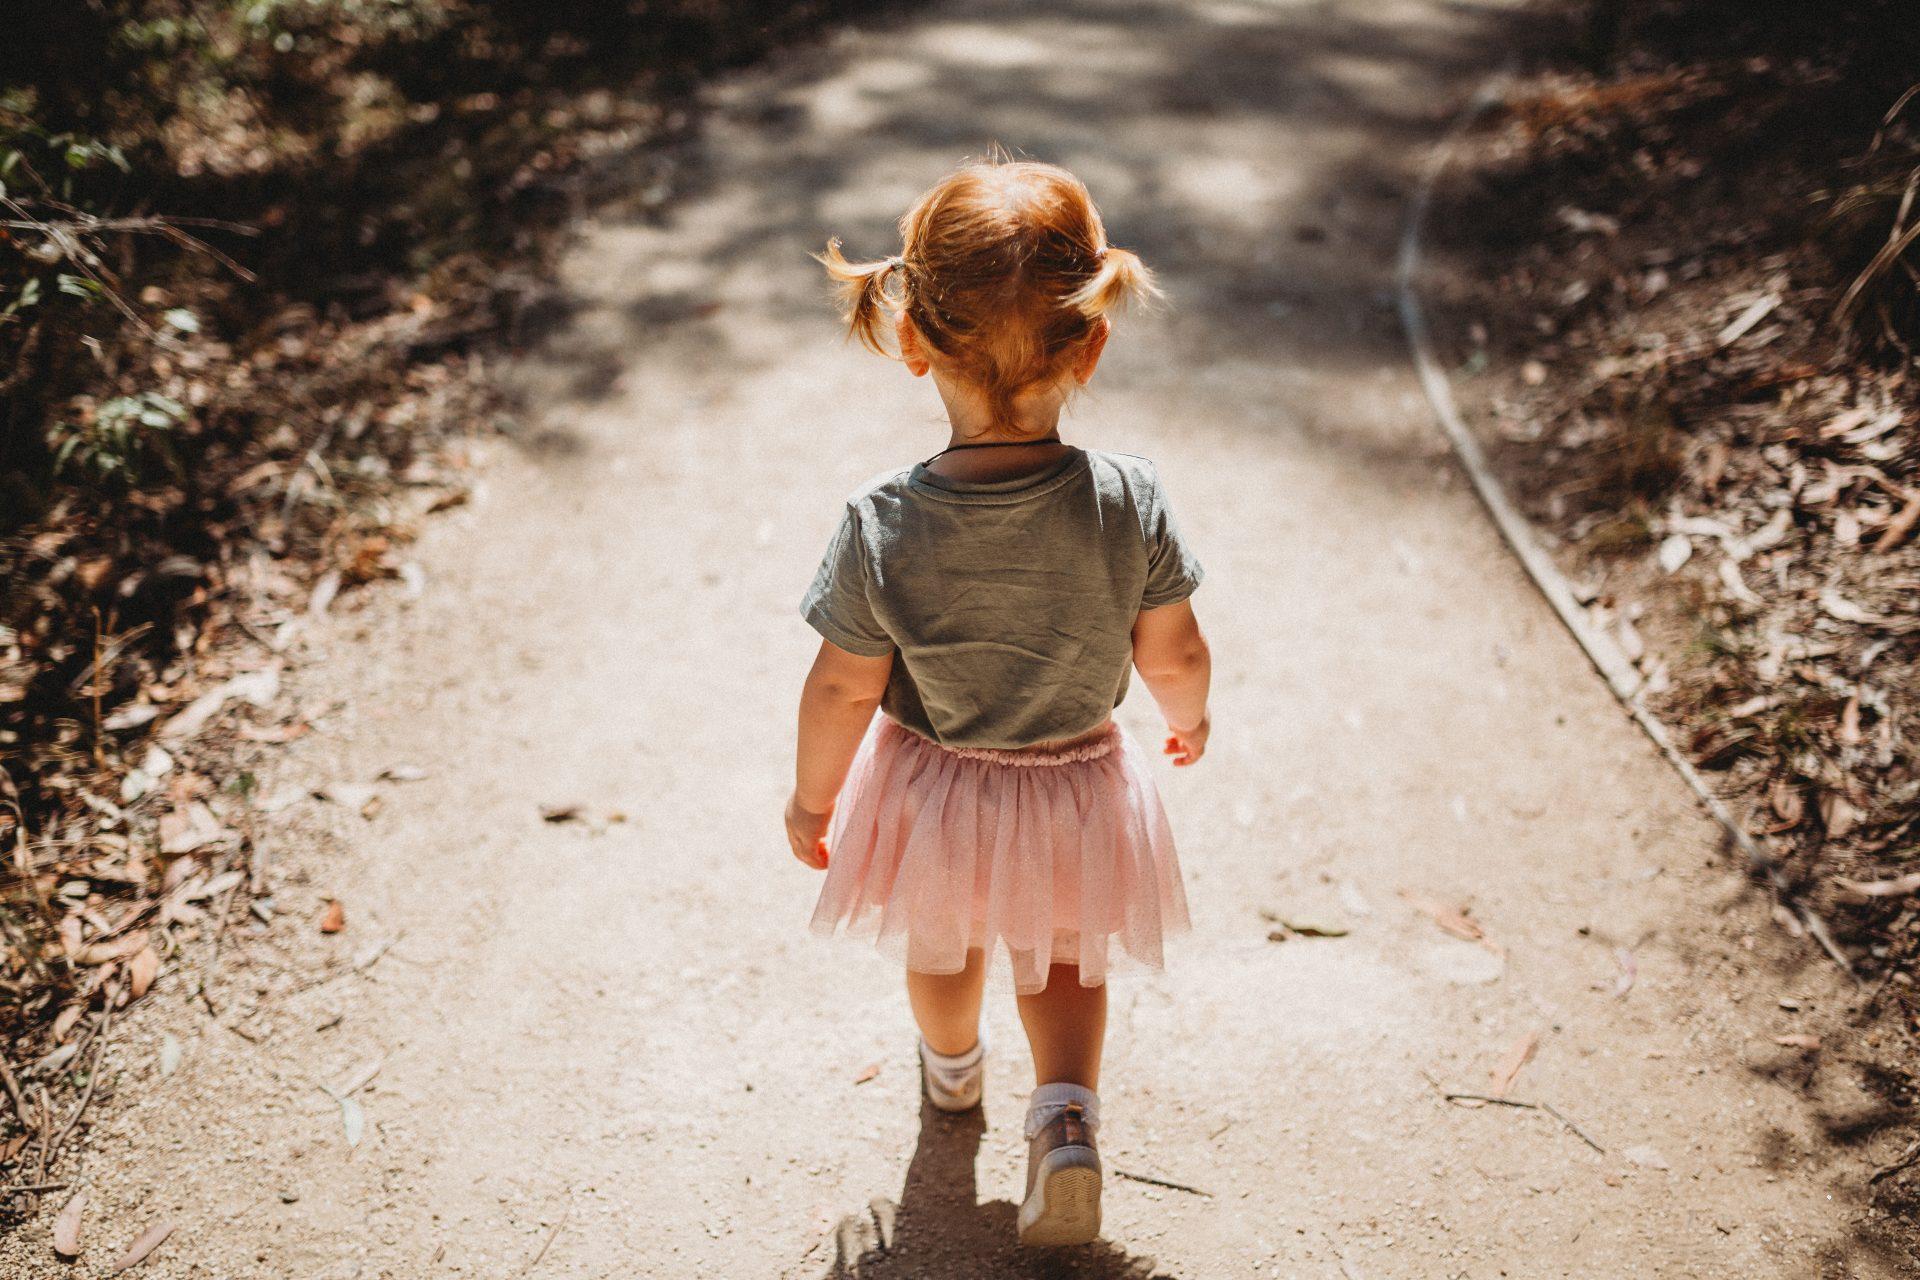 Girl toddler bushwalking in tutu